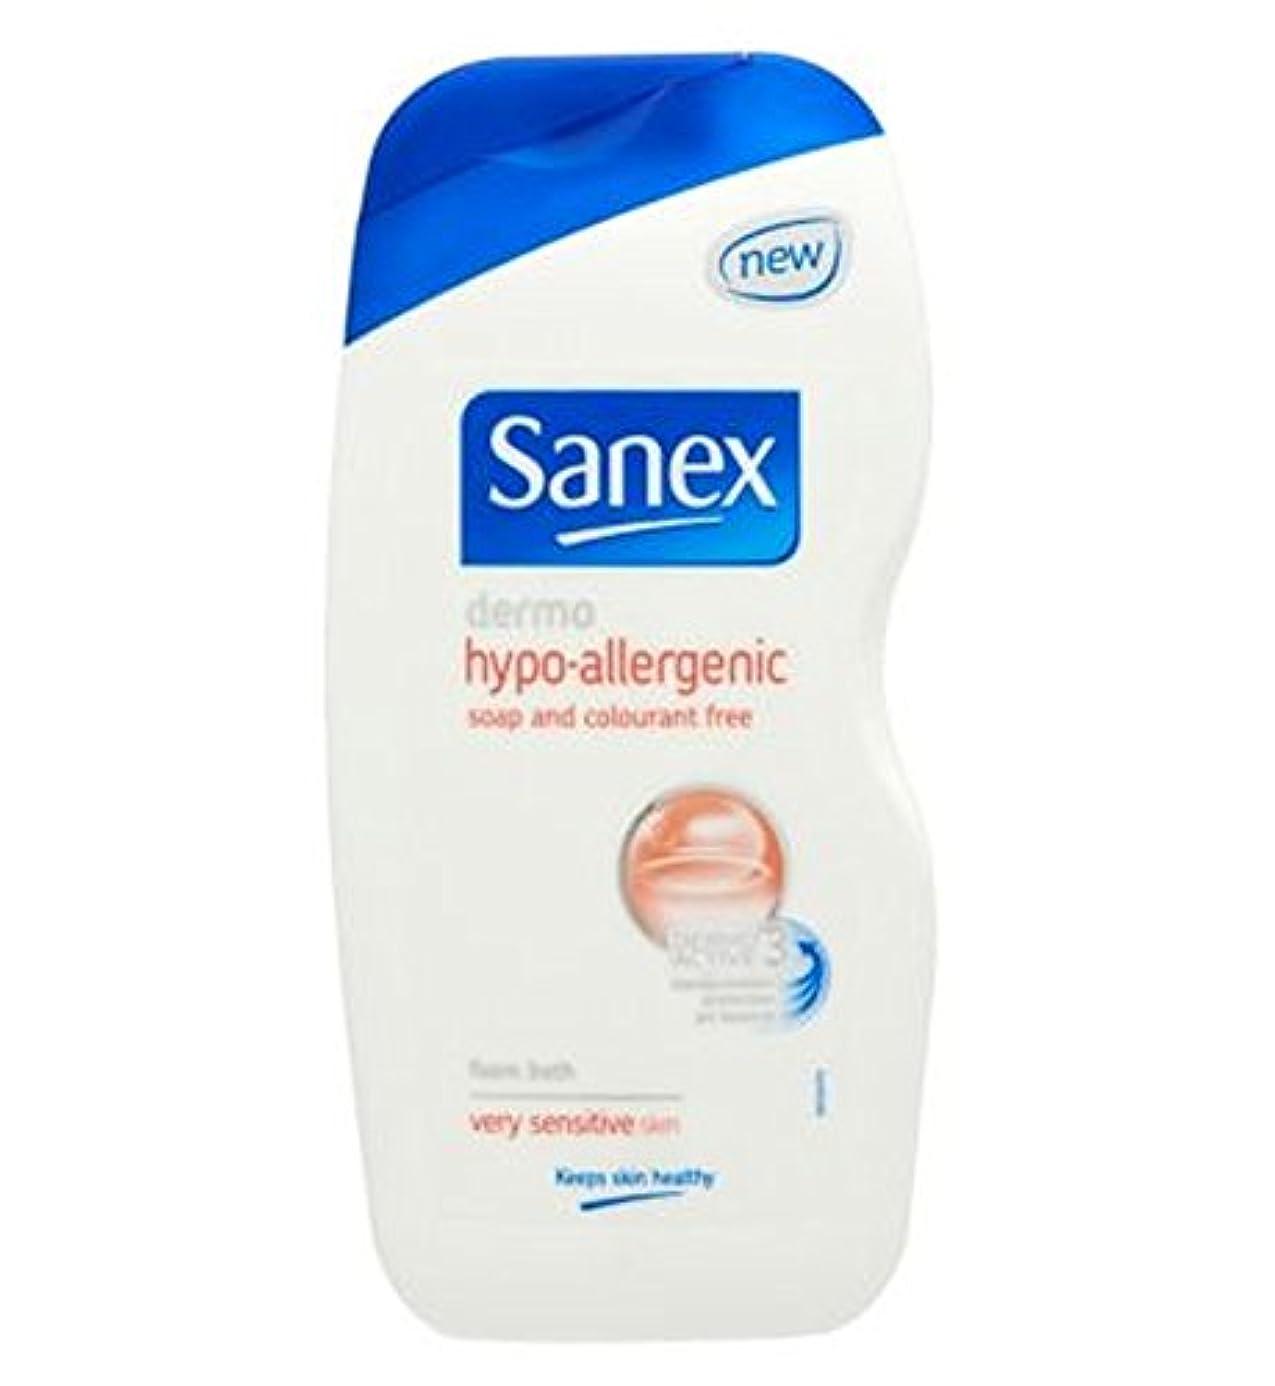 廃棄教えて包囲Sanex真皮ハイポアレルギーの非常に敏感肌の泡風呂500ミリリットル (Sanex) (x2) - Sanex Dermo Hypo Allergenic Very Sensitive Skin Foam Bath 500ml...